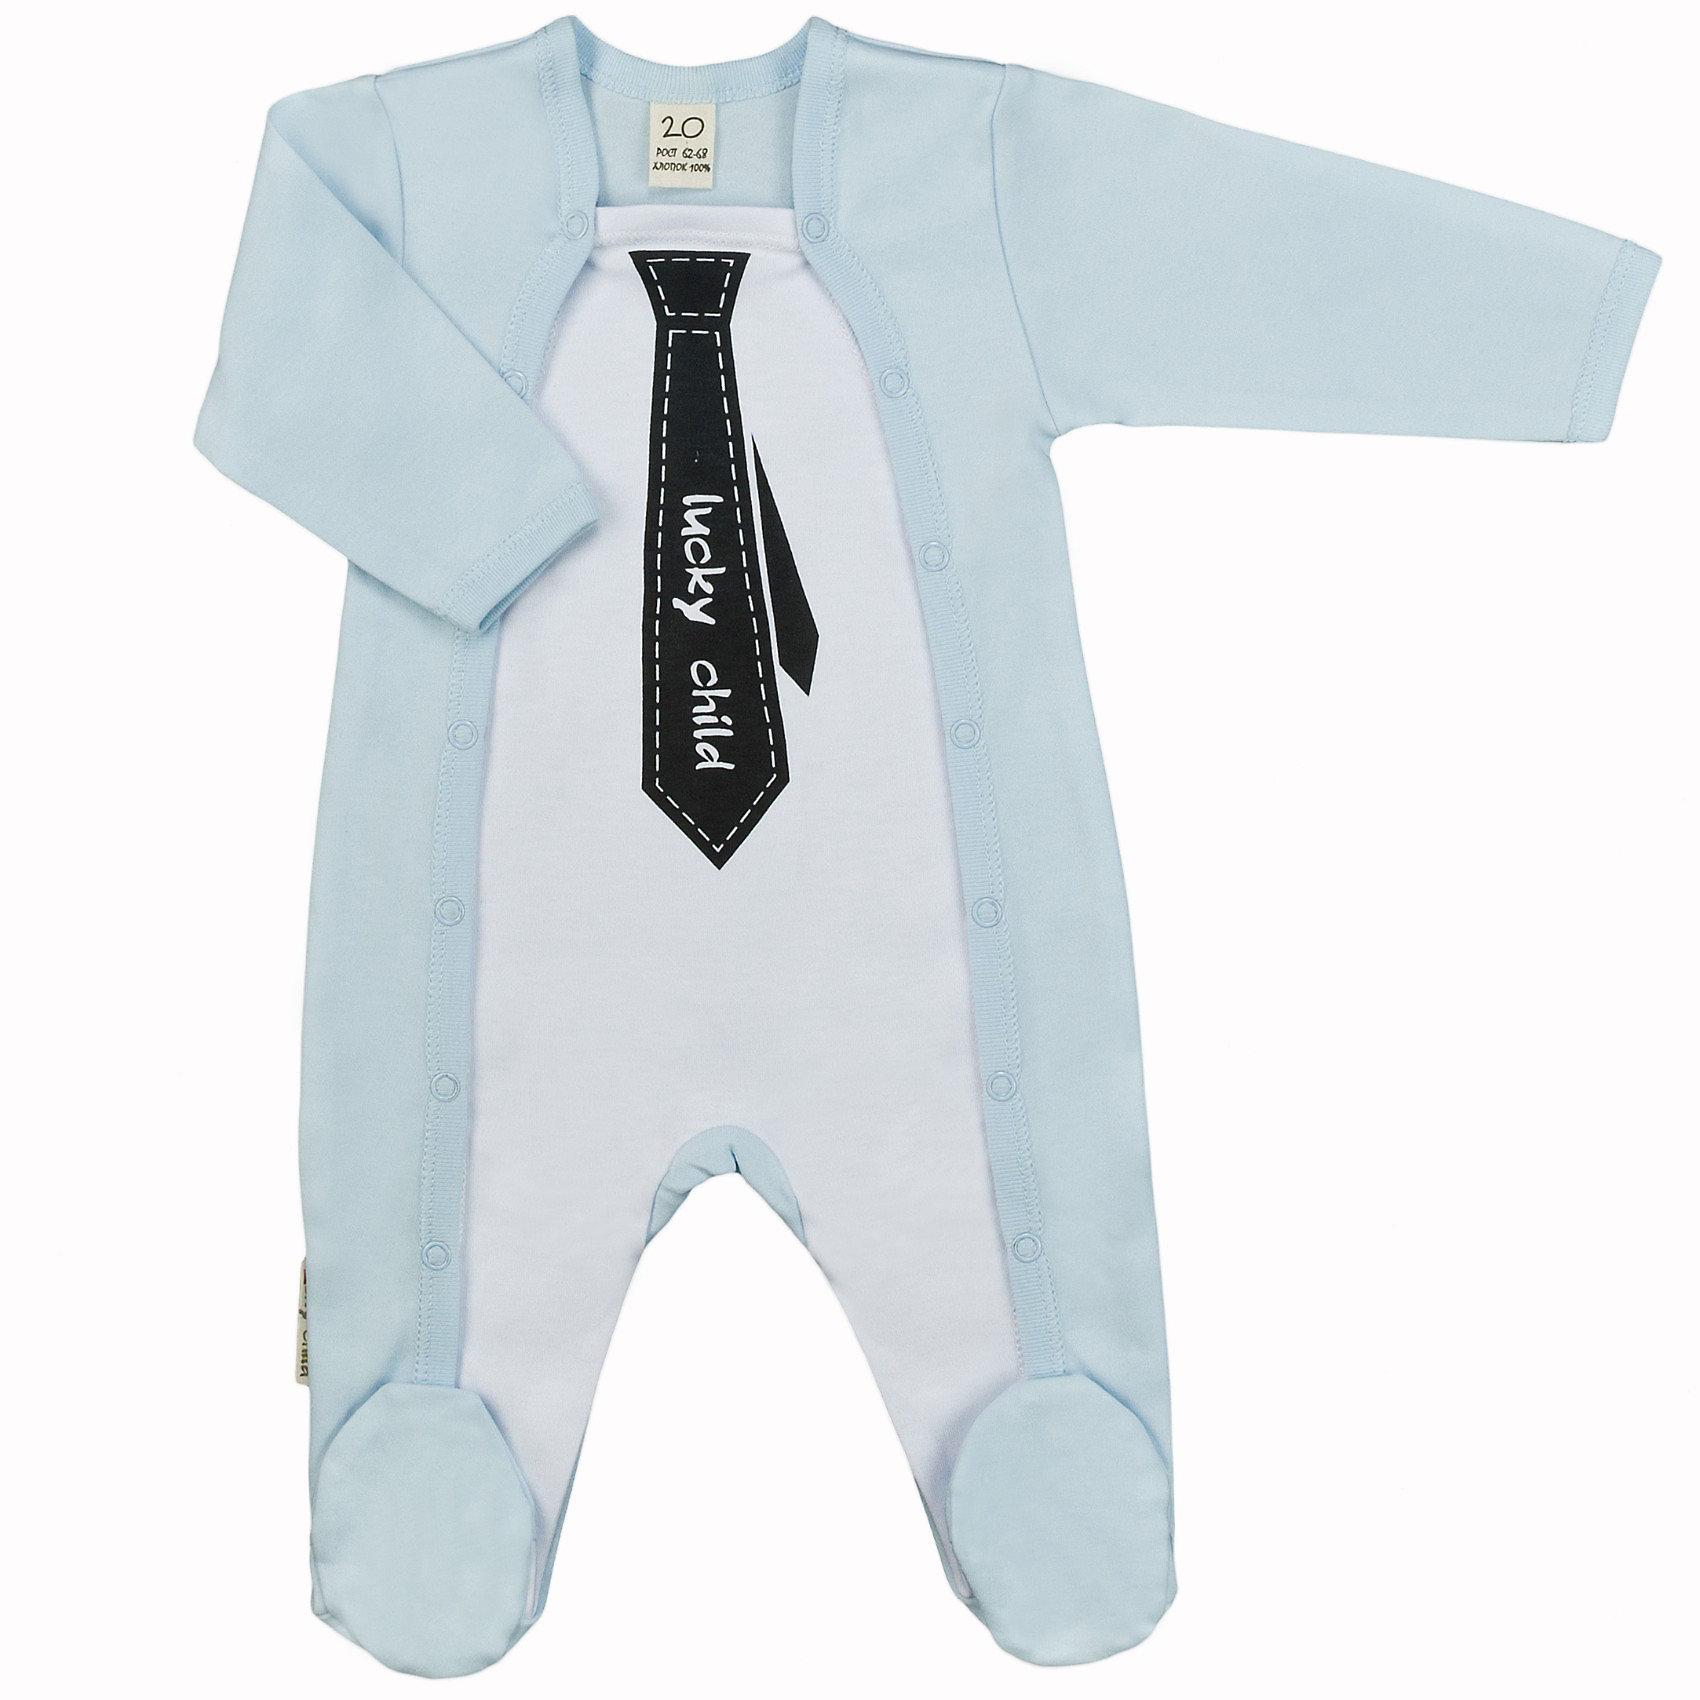 Lucky Child Комбинезон для мальчикаСтильный комбинезон с закрытыми пяточками и длинным рукавом для мальчика. Удобная застежка (кнопки по бокам по всей длине). Мягкий натуральный гипоаллергенный материал (100% хлопок), приятный к телу.<br><br>Ширина мм: 157<br>Глубина мм: 13<br>Высота мм: 119<br>Вес г: 200<br>Цвет: голубой<br>Возраст от месяцев: 12<br>Возраст до месяцев: 18<br>Пол: Мужской<br>Возраст: Детский<br>Размер: 80/86,56/62,74/80,68/74,62/68<br>SKU: 2635127